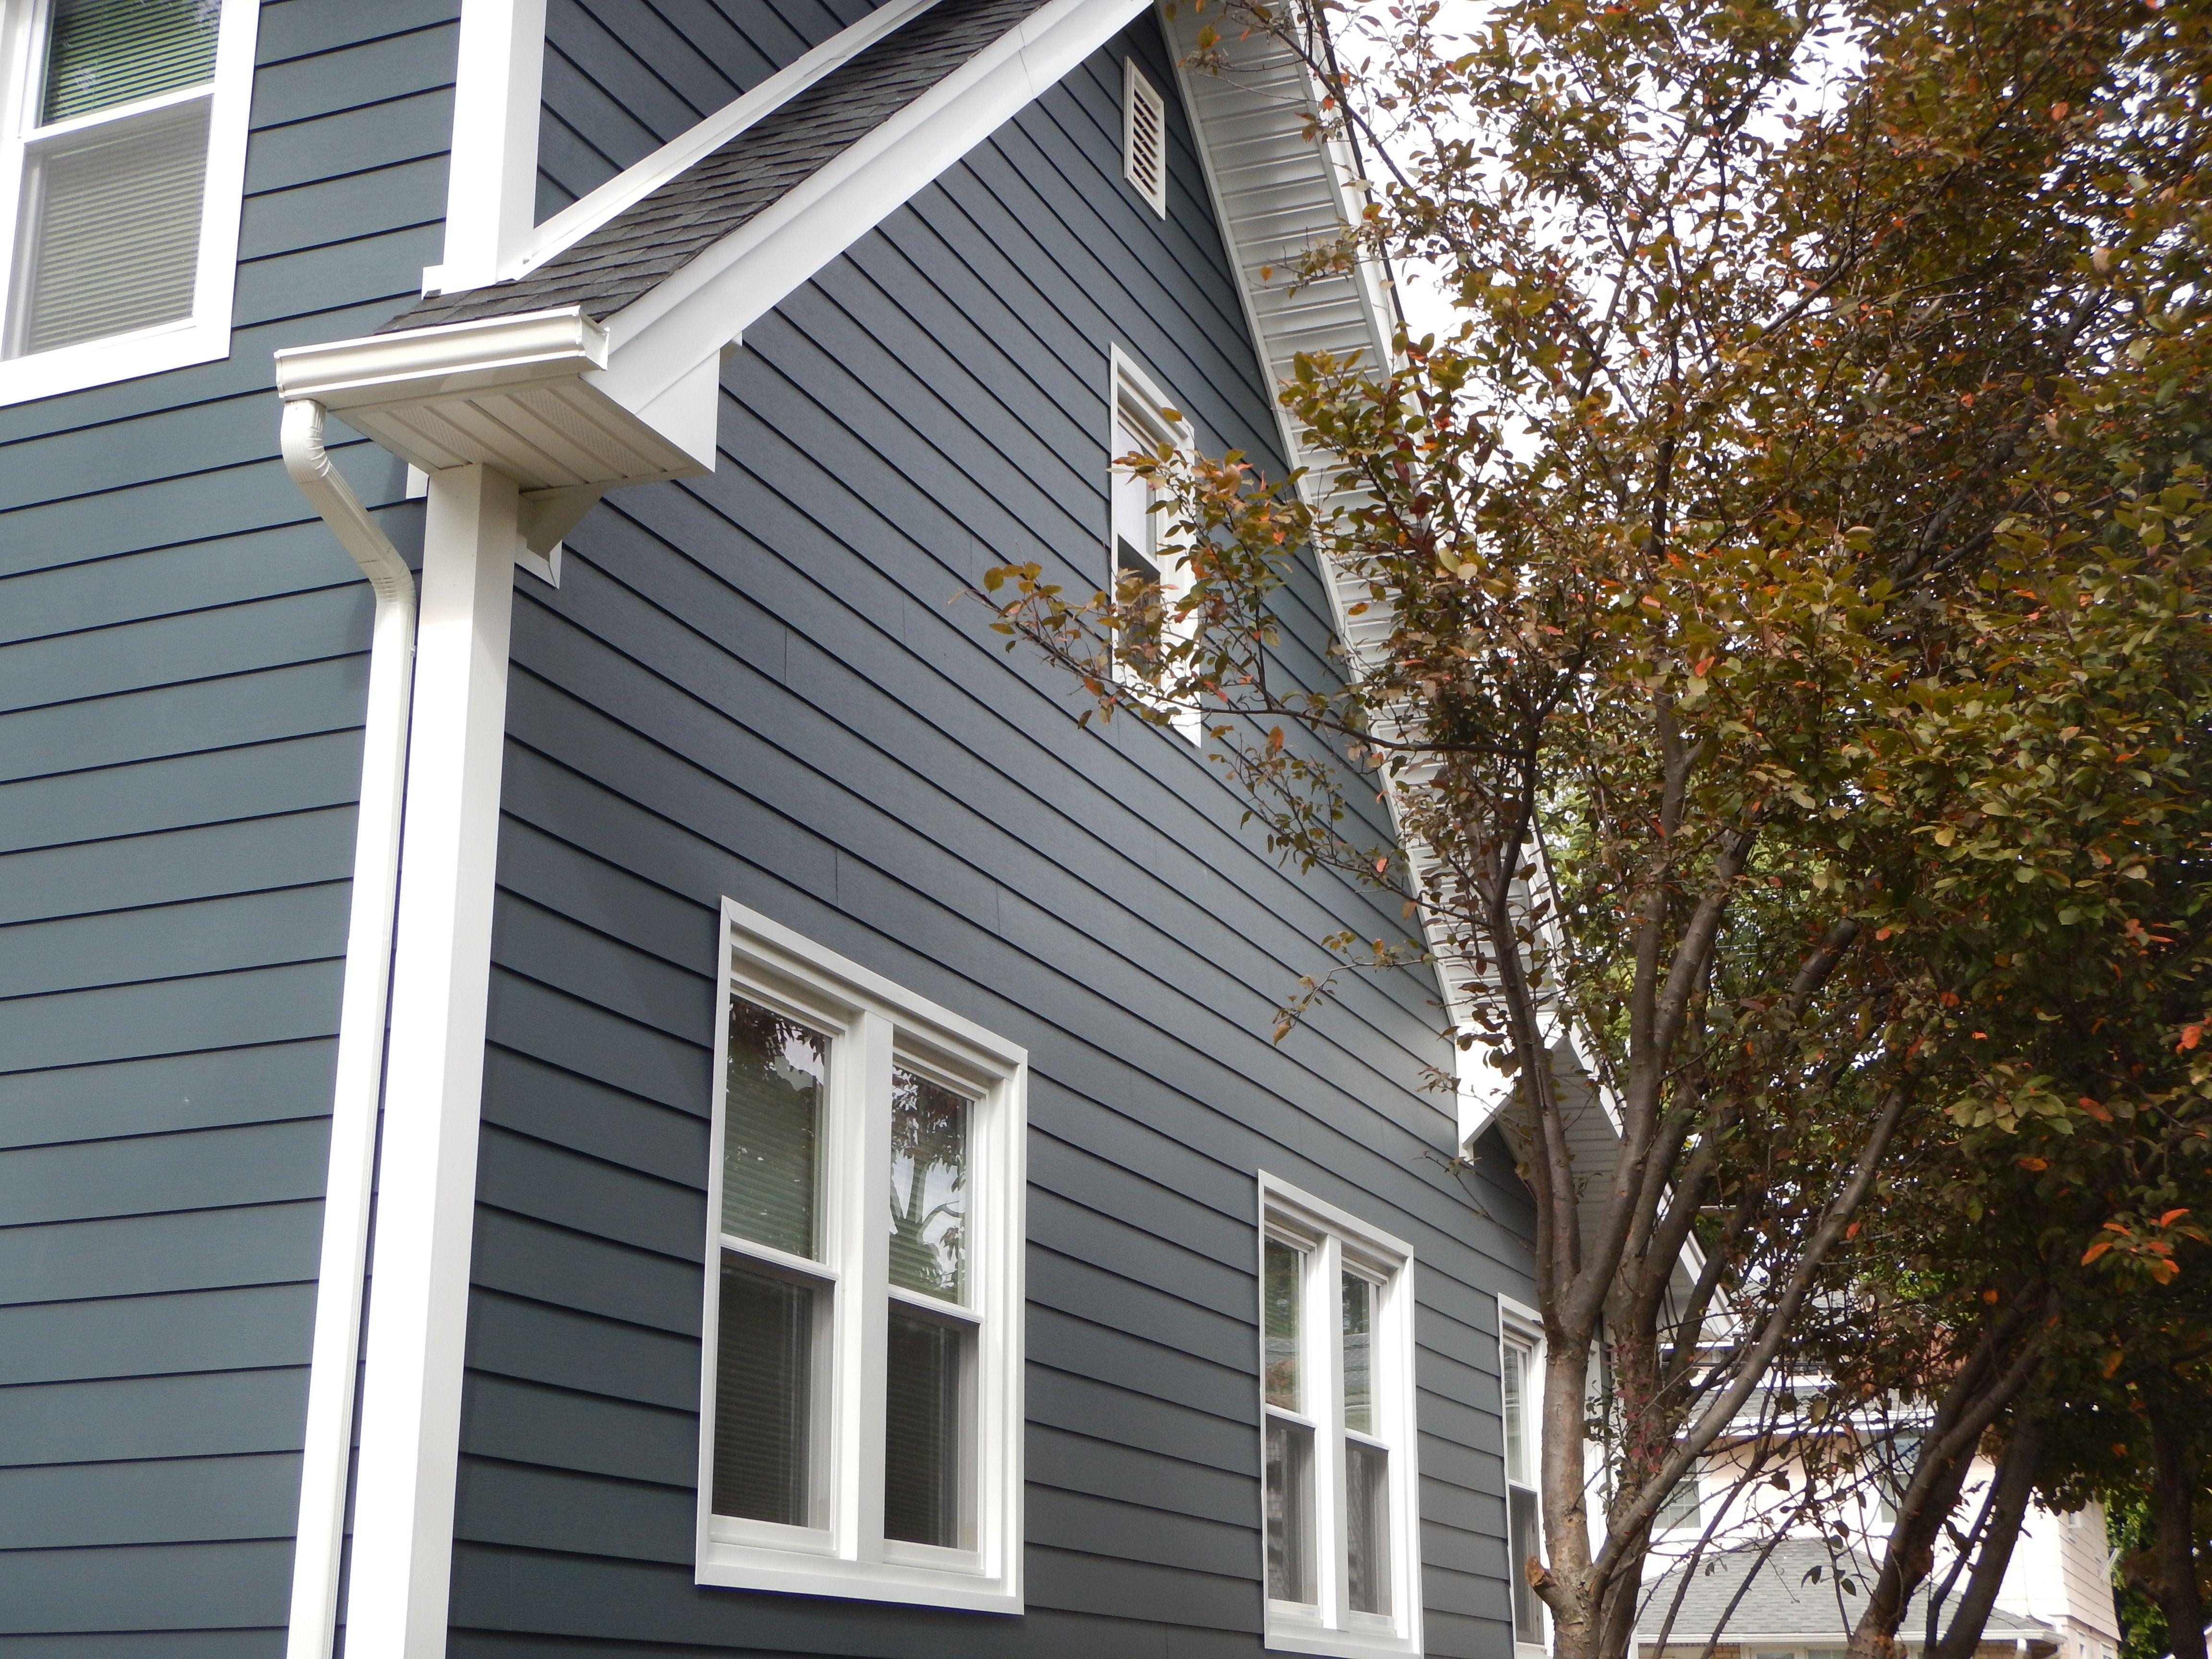 973 795 1627 Vinyl Siding Passiac County Passiac County Nj Siding Totowa Vinyl Siding New Jersey Tot Siding Contractors Siding Cost Vinyl Siding Installation